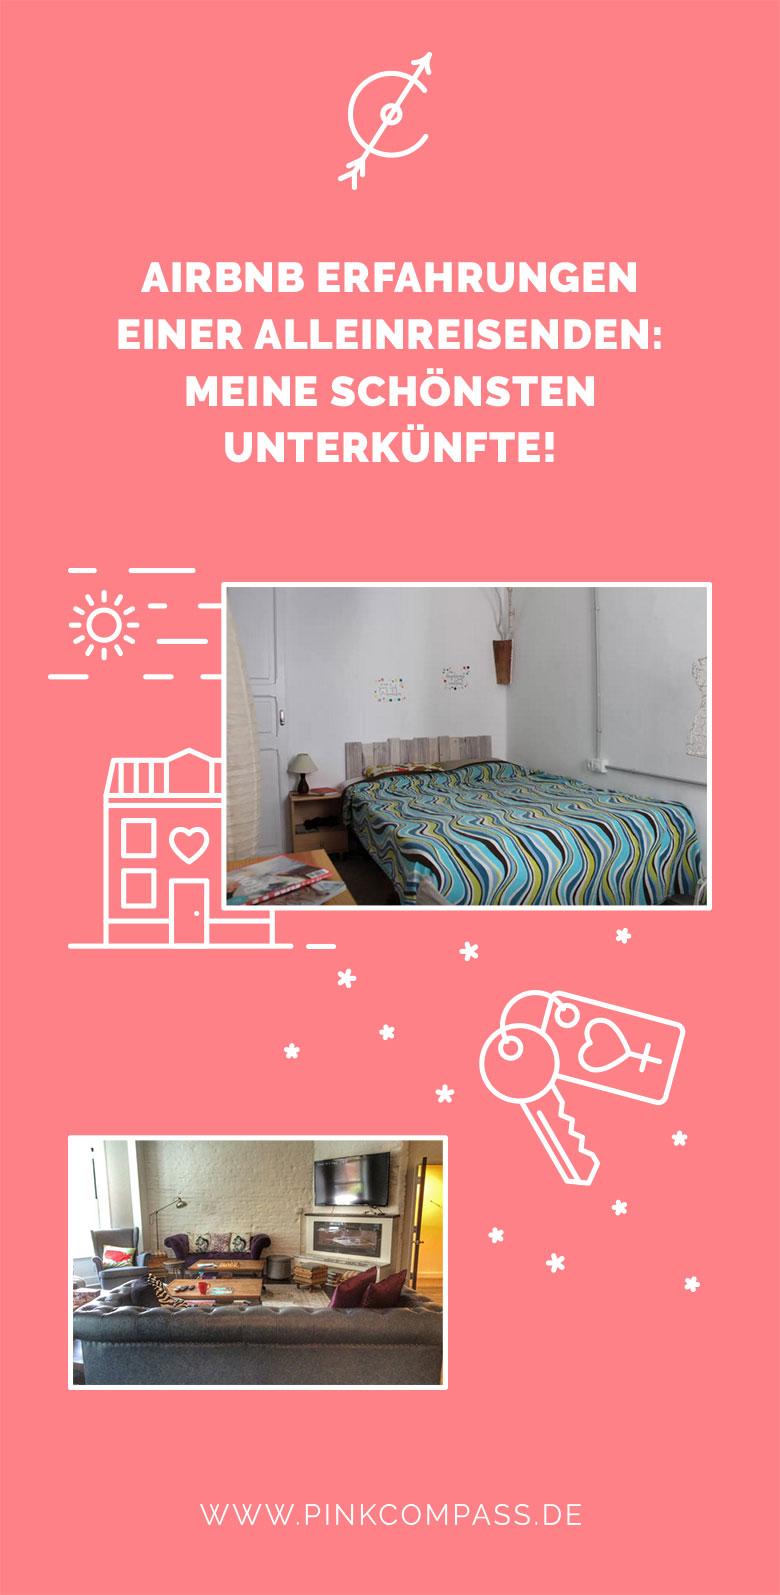 Airbnb Erfahrungen einer Alleinreisenden: Meine schönsten ...